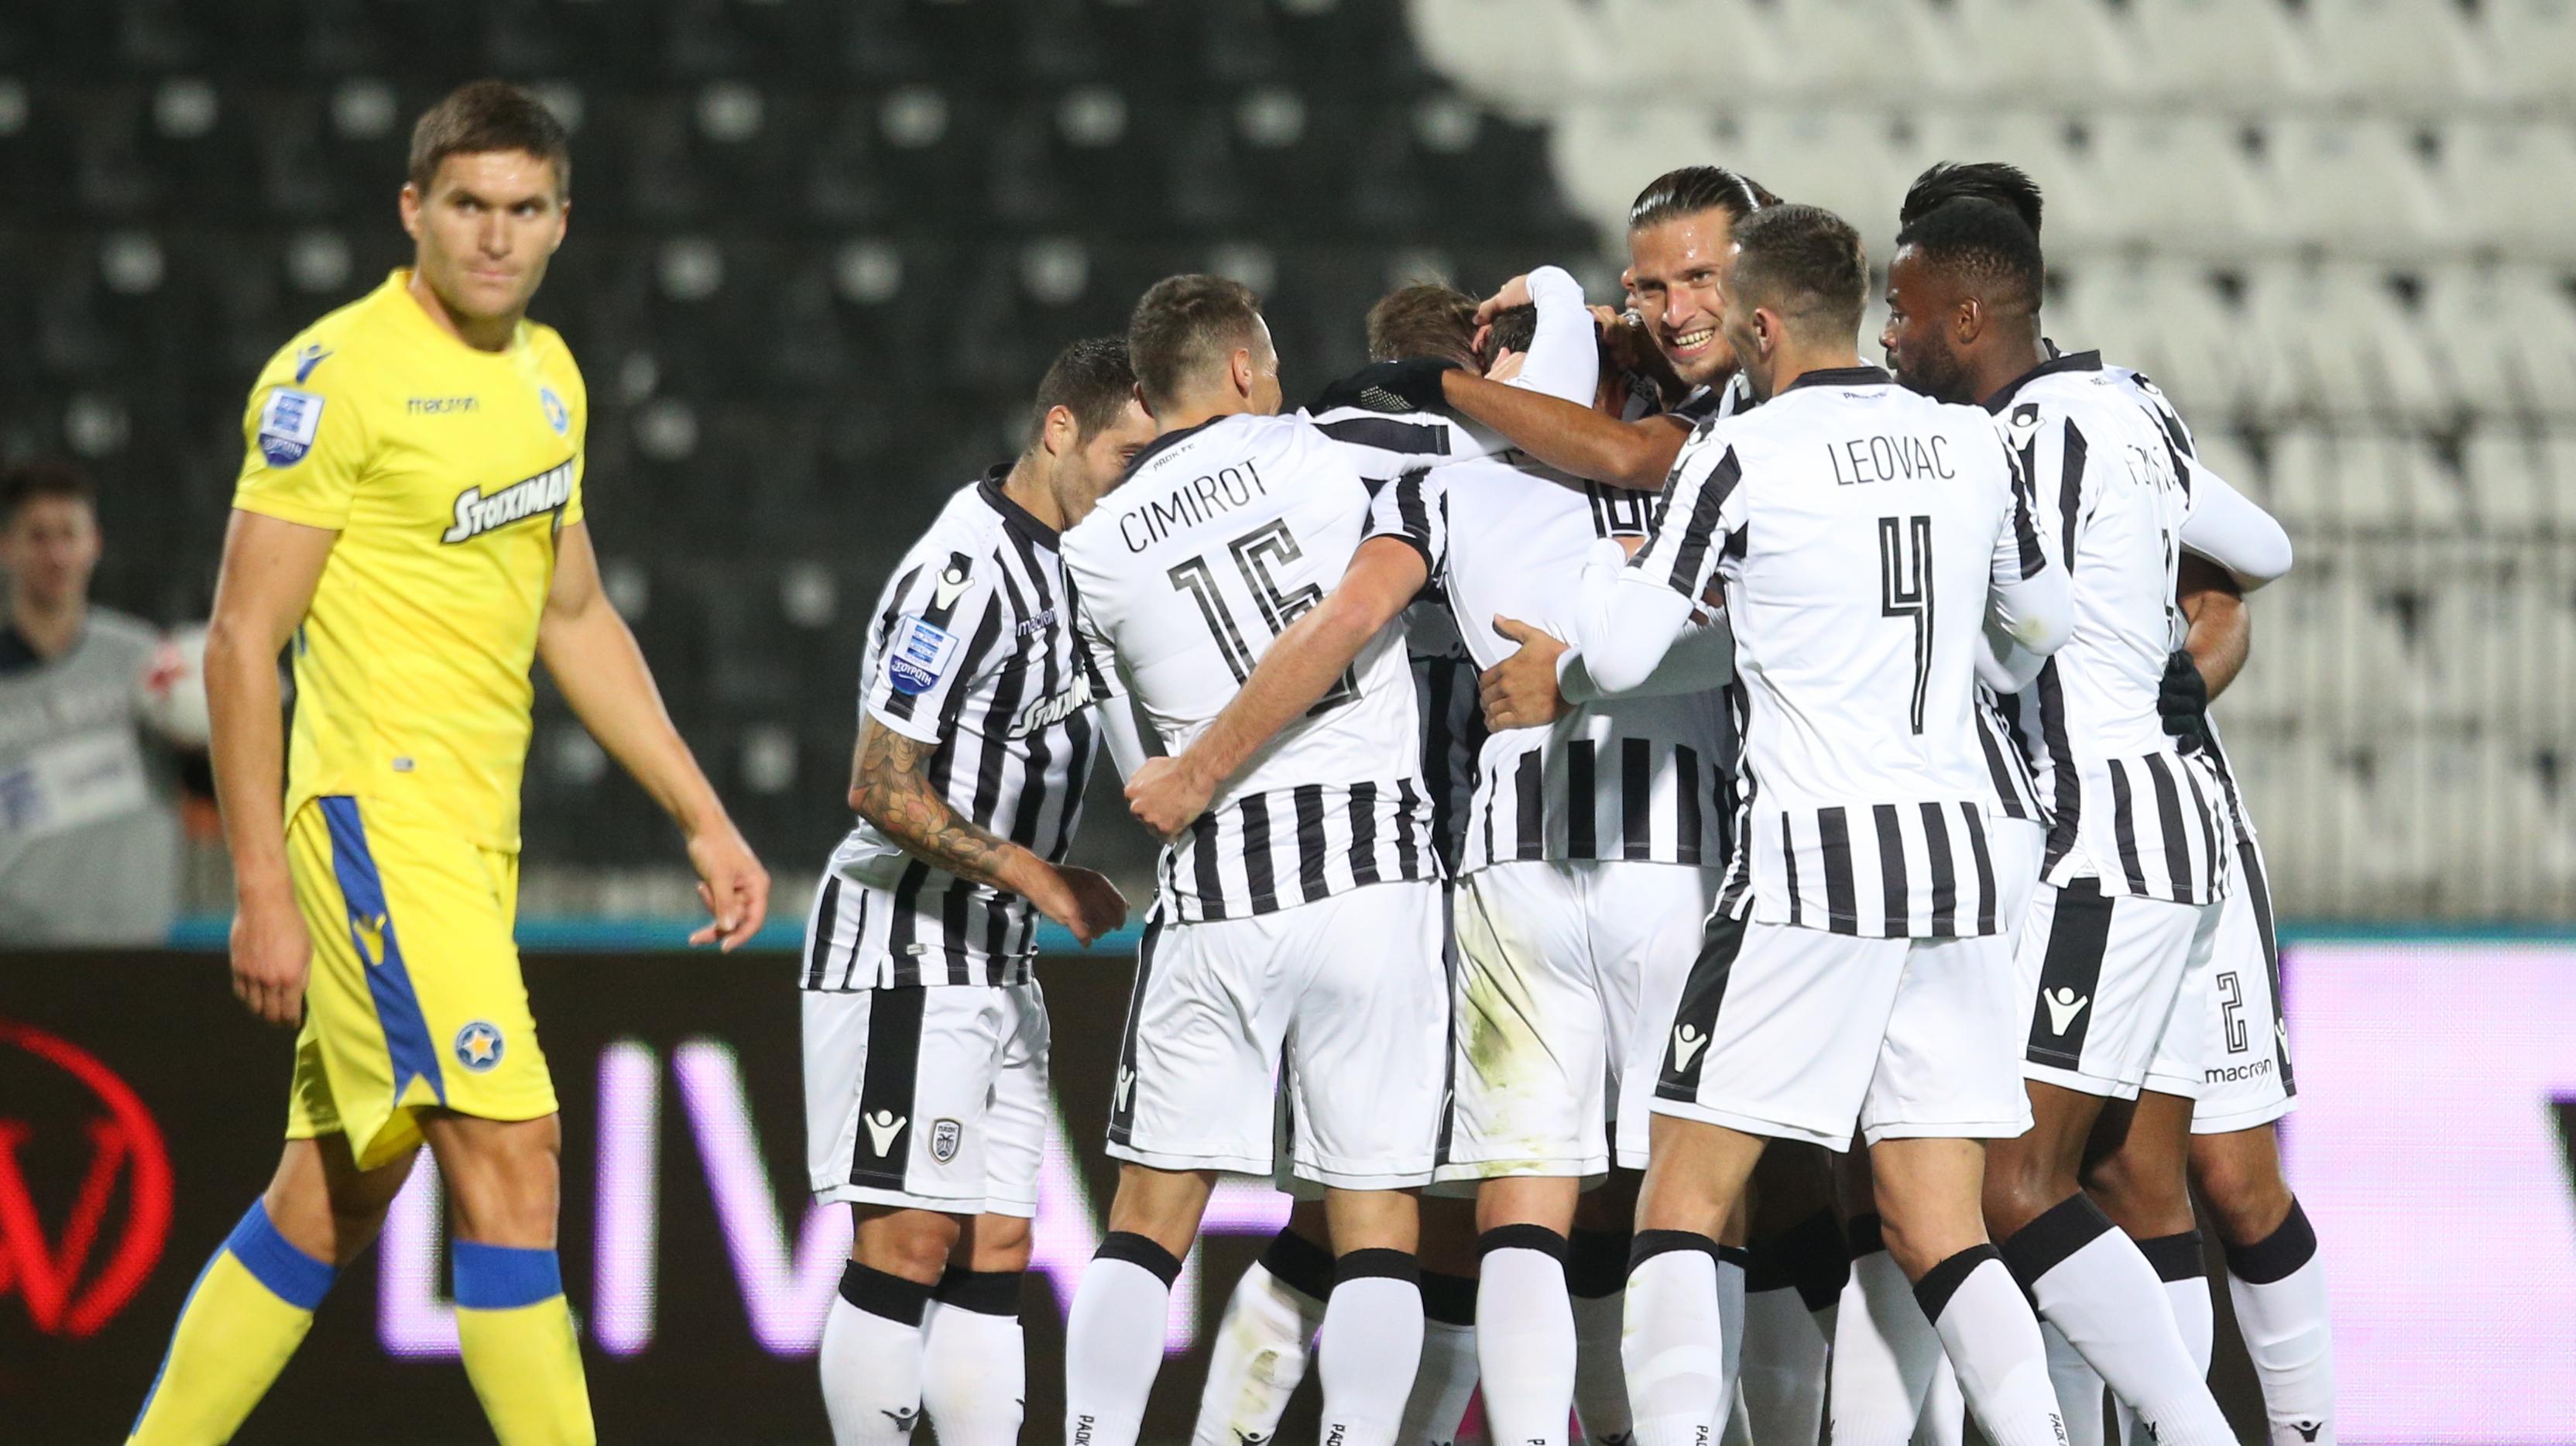 PAOK-Asteras Tripolis 2-0